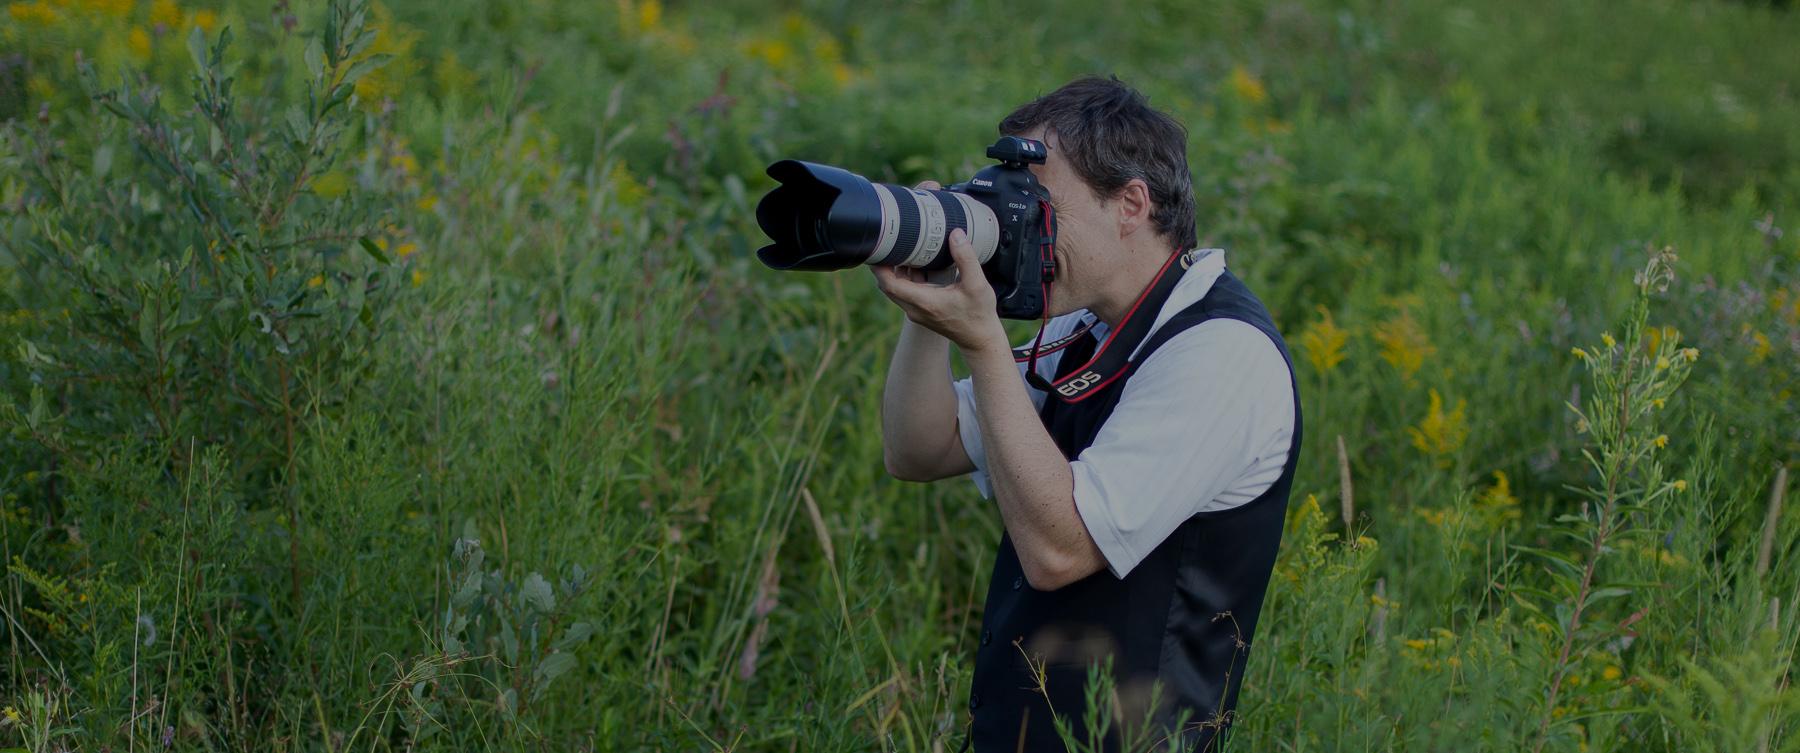 Stéphane Lemieux Photographe de mariage Montréal et environs incluant rive-sud, rive-nord, Laval, Laurentides.